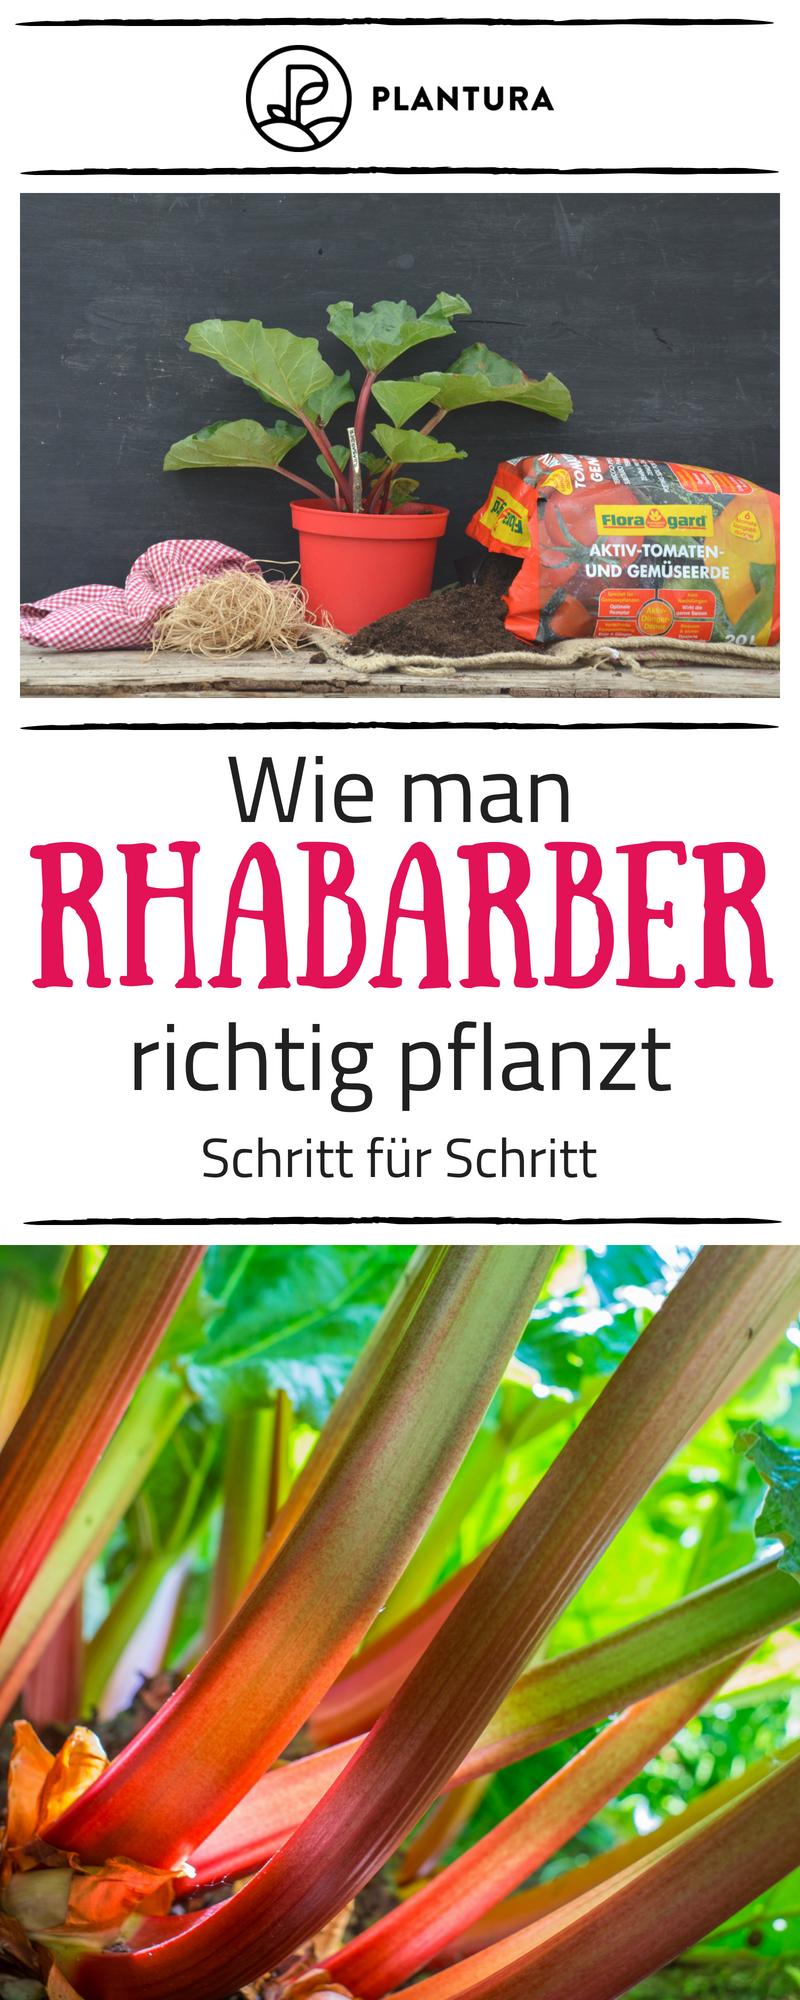 Rhabarber Pflanzen Standort Zeitpunkt Co Plantura Rhabarber Pflanzen Pflanzen Rhabarber